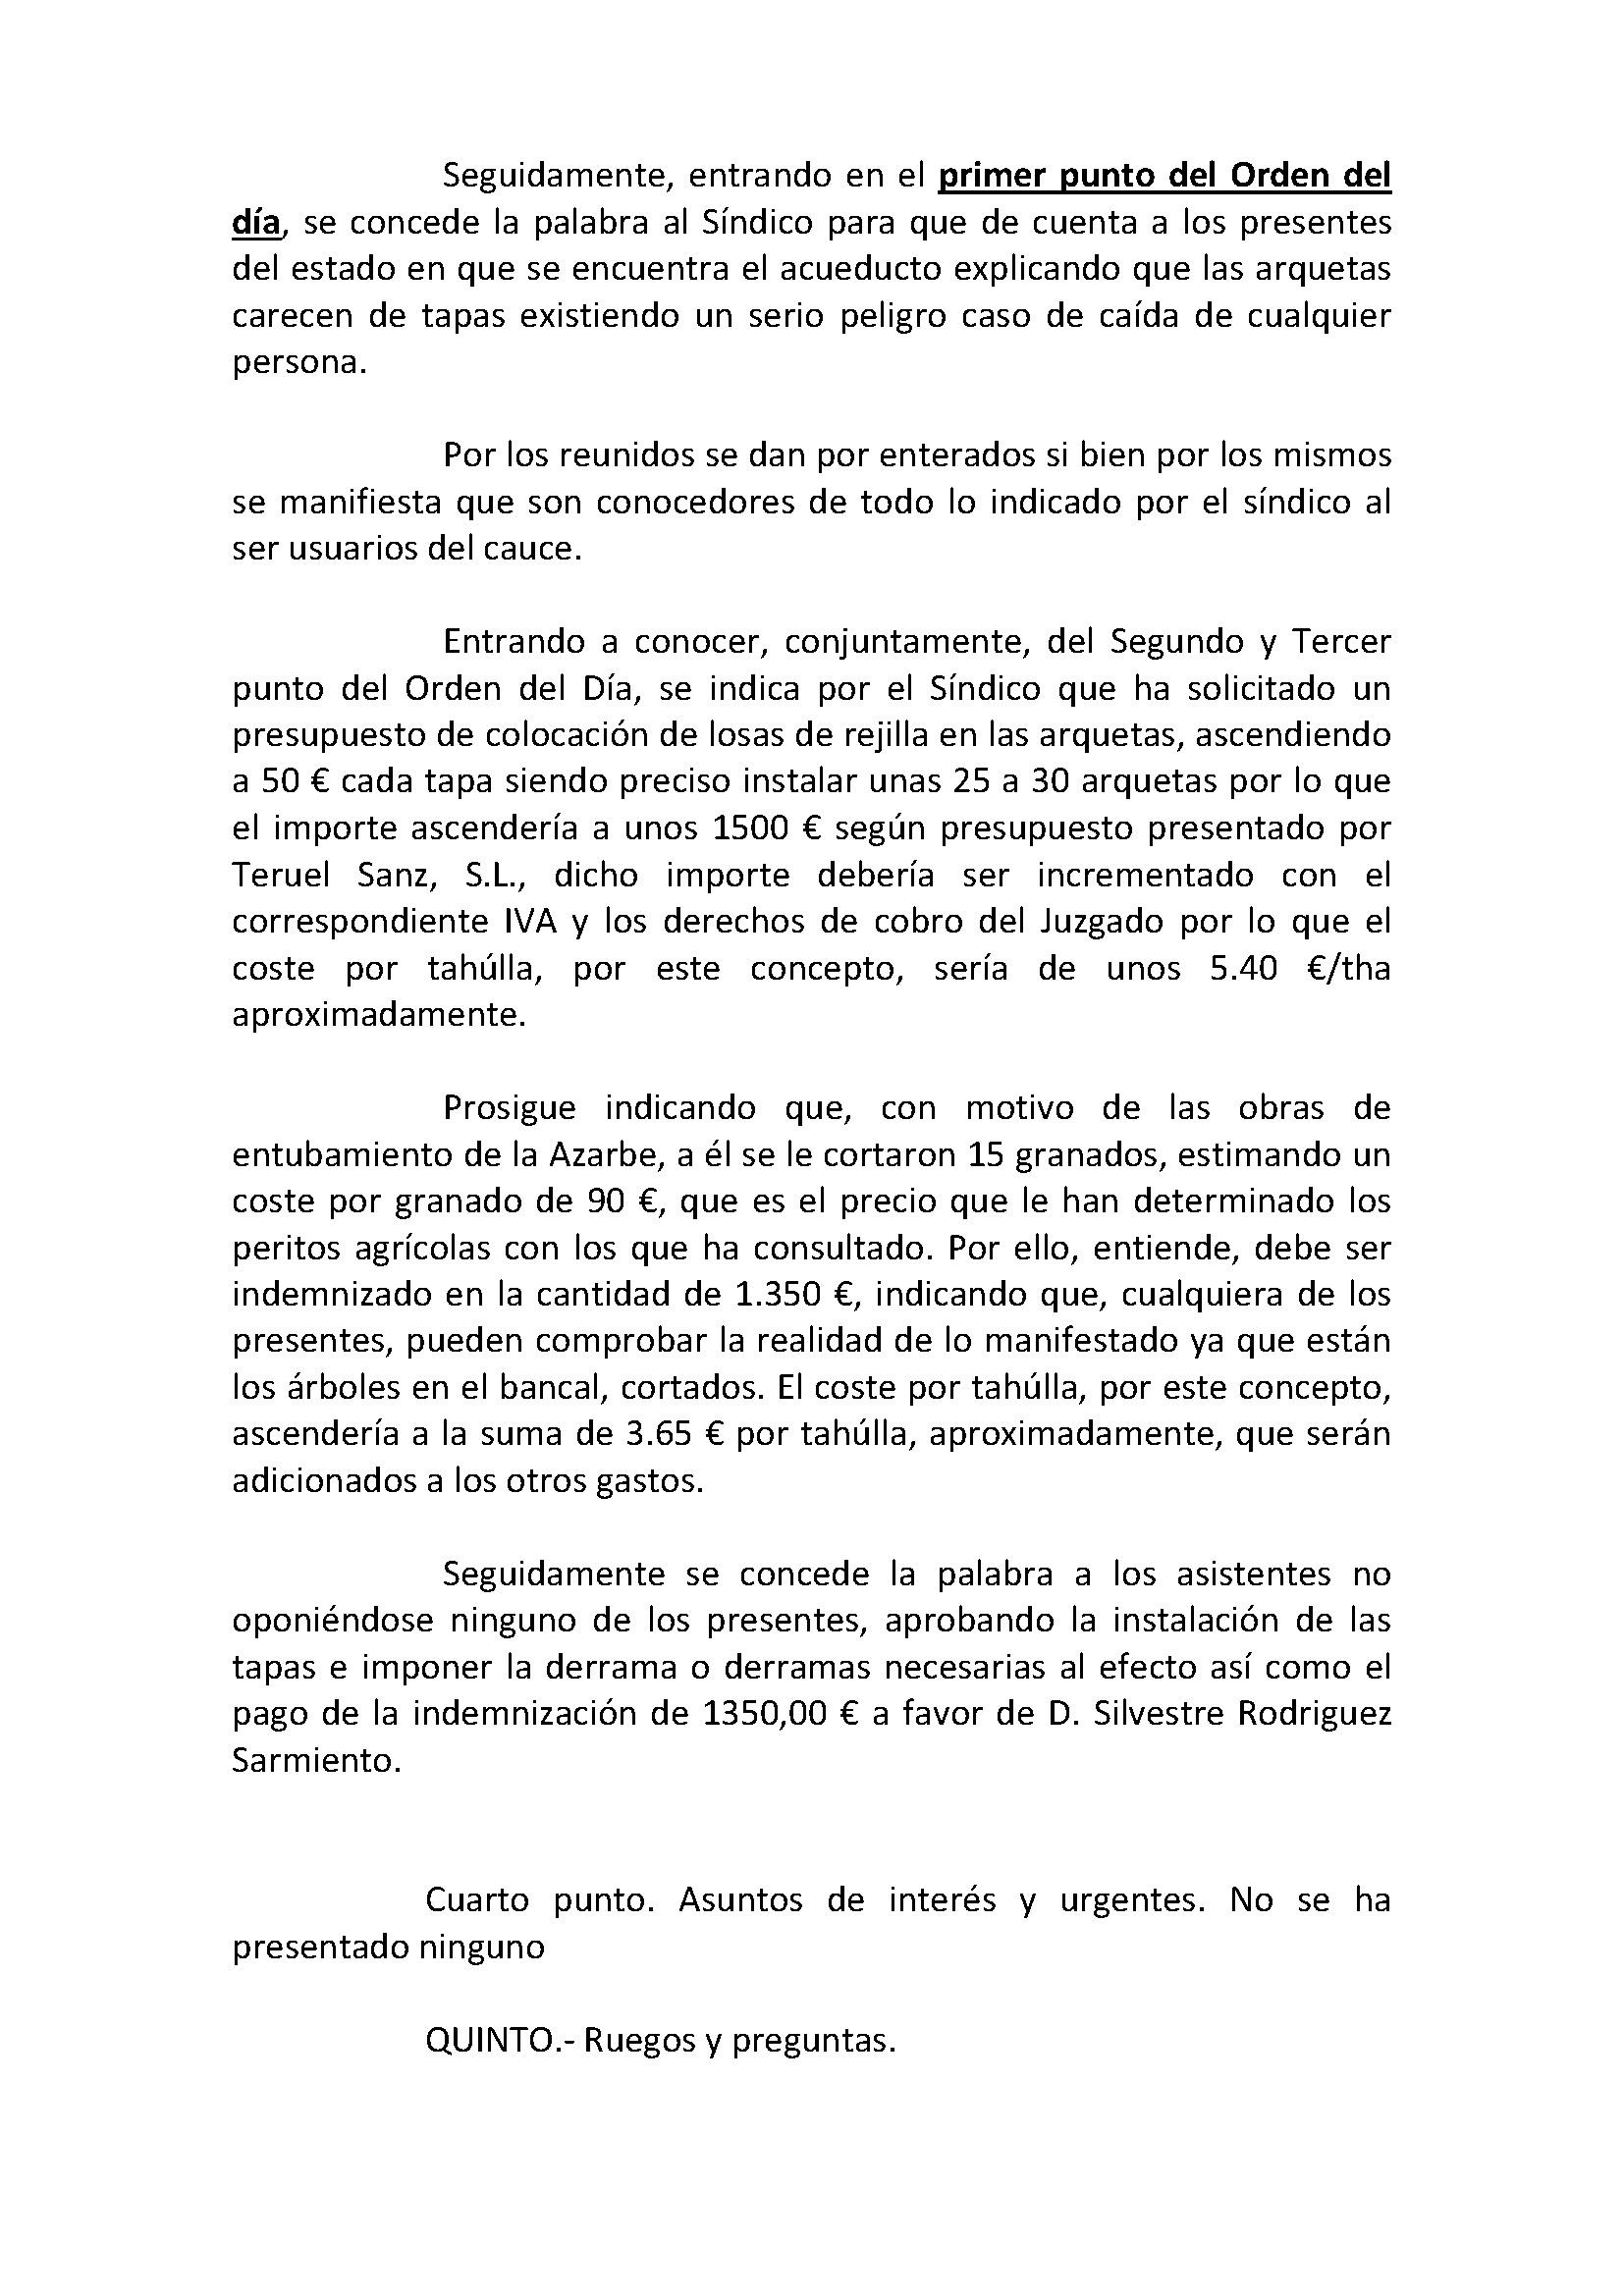 63 2015 AZARBE DE LAS ORTIZAS  ASAMBLEA GENERAL 29052015_Página_2